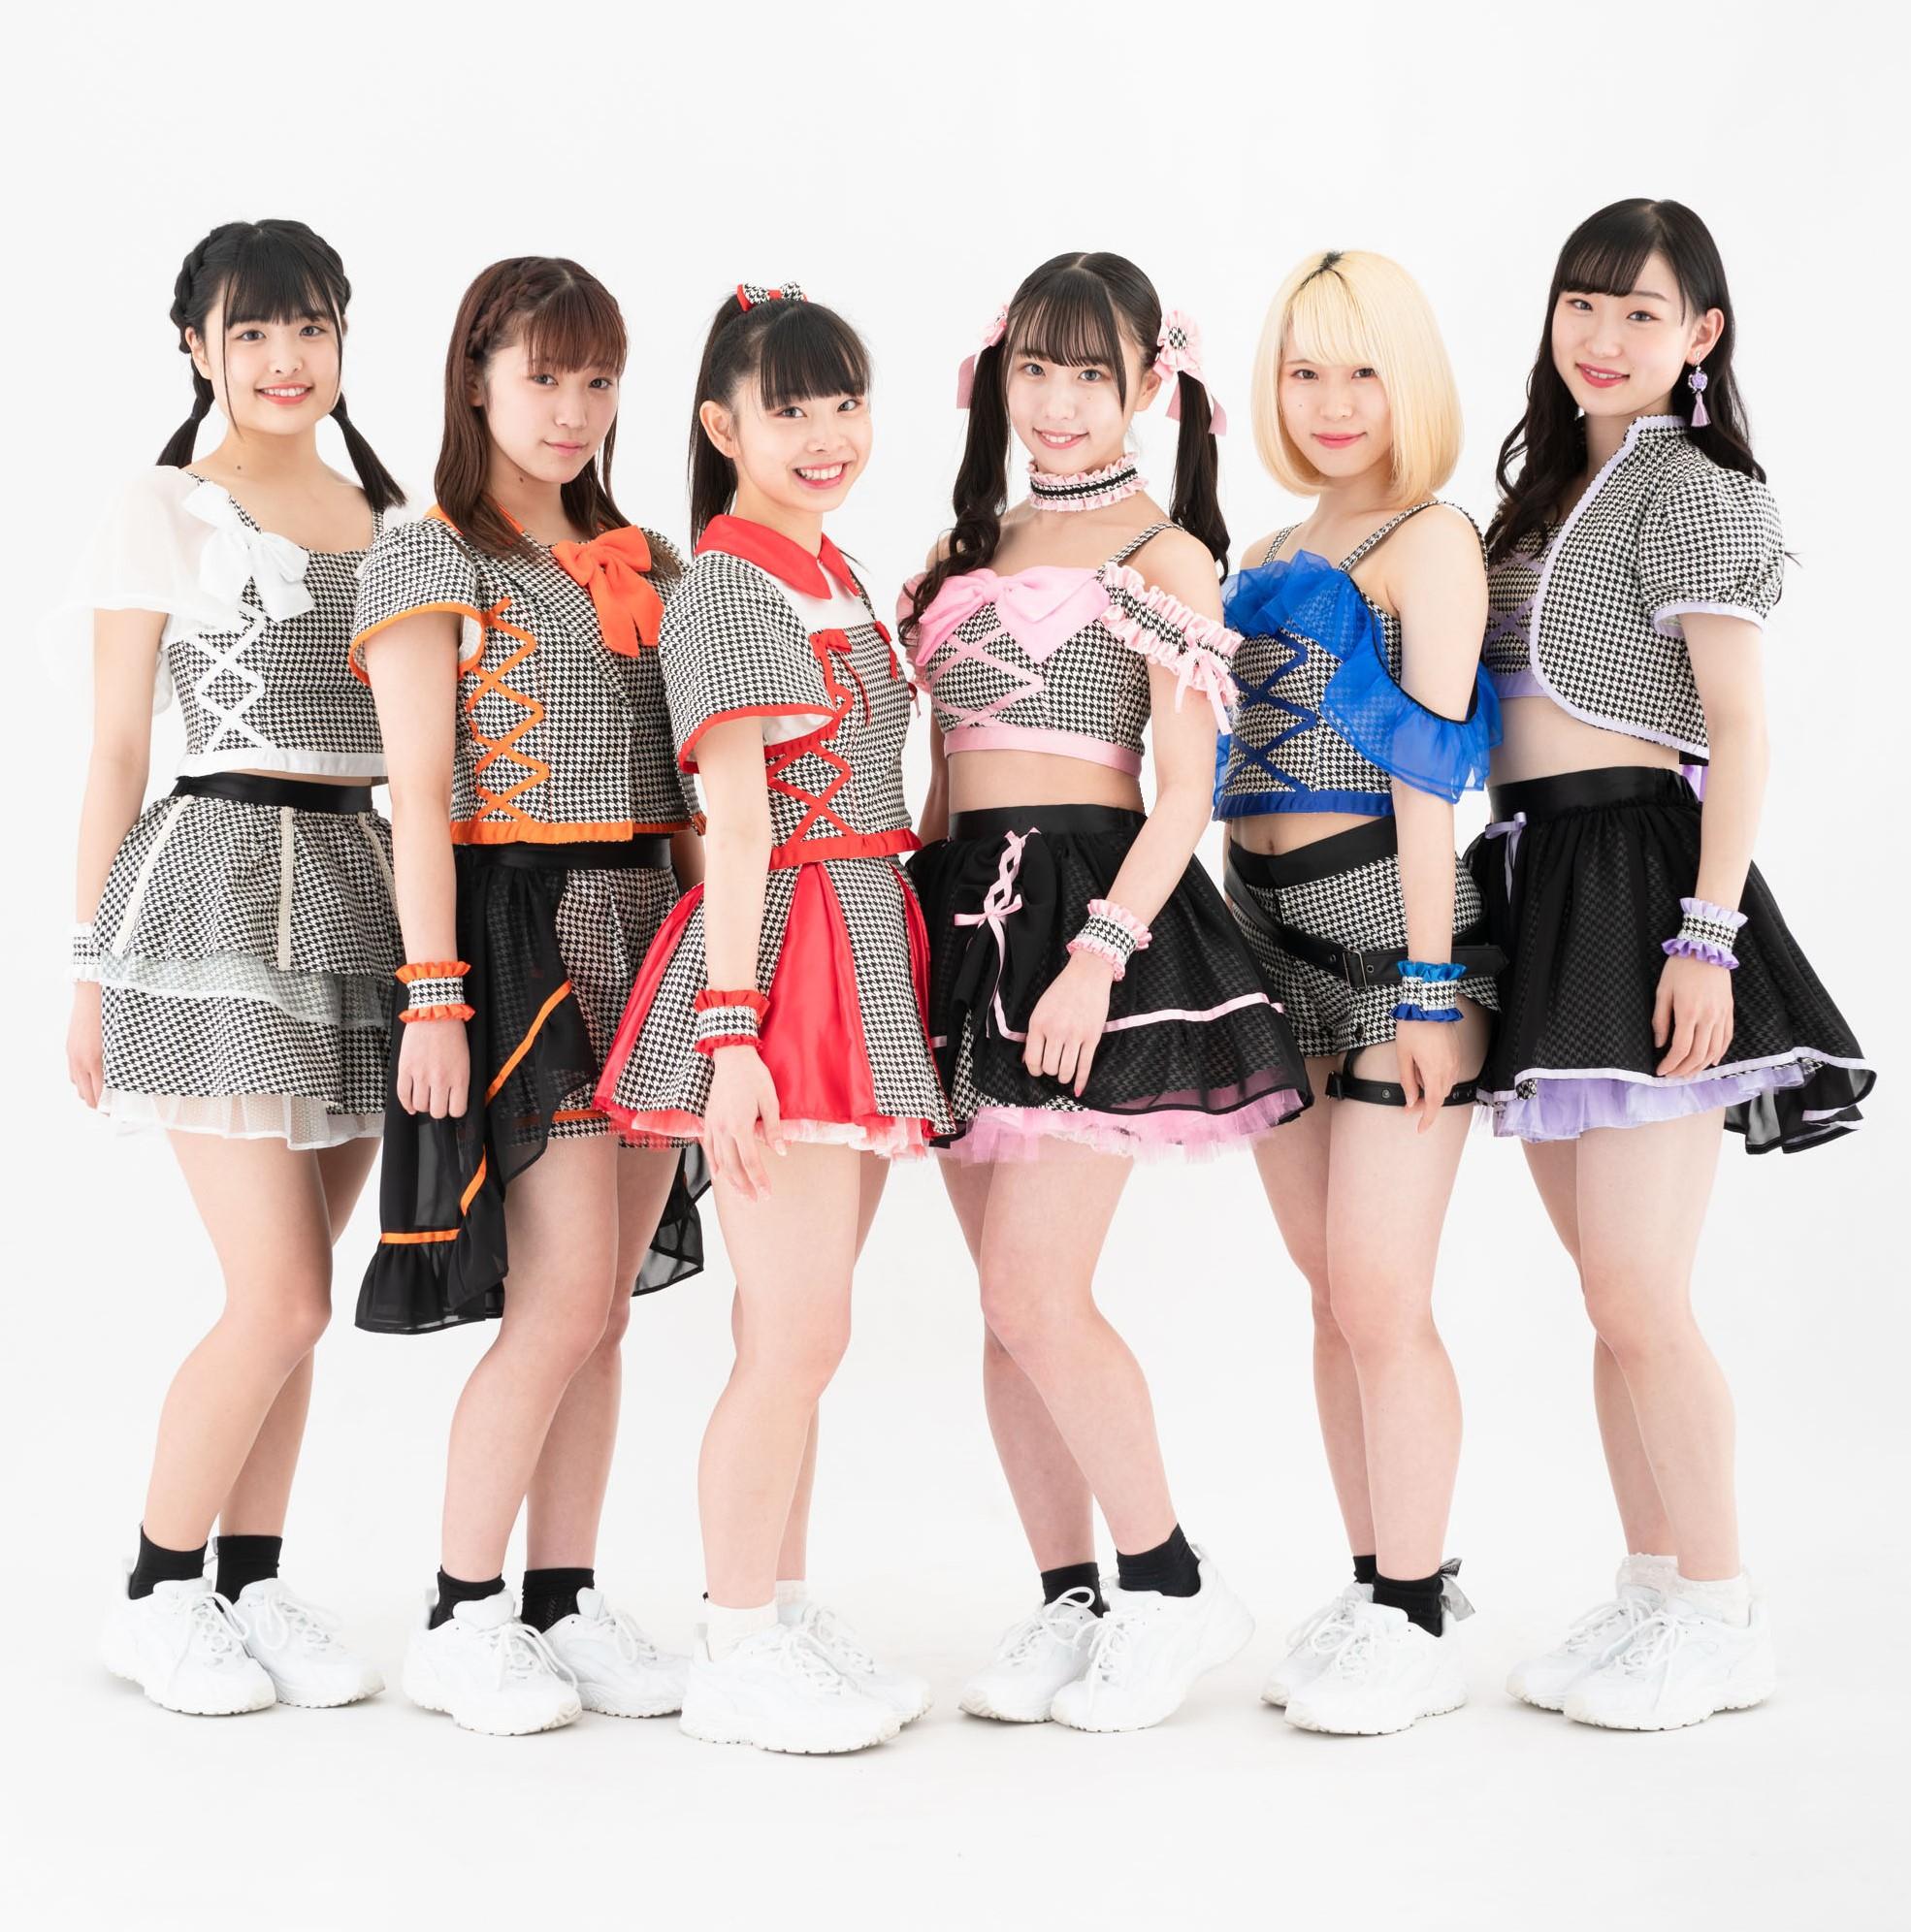 10月18日(日) 『GirlsComplex Special Vol.2』2部 ~出張ぐりぴらいぶ~